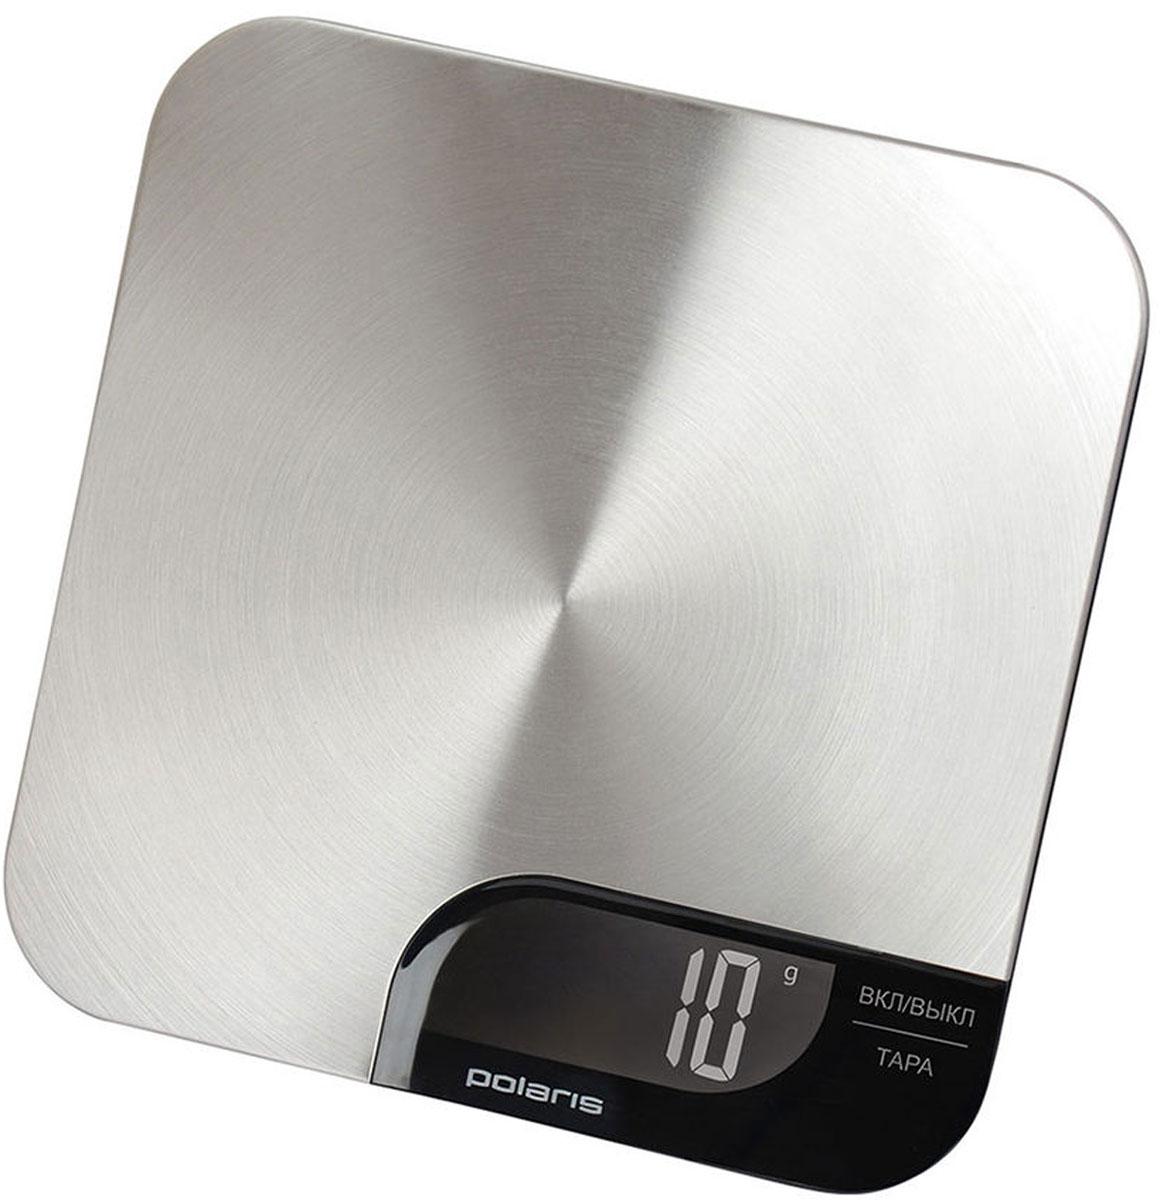 Polaris PKS 0538DM кухонные весыPKS 0538DMКухонные электронные весы Polaris PKS 0538DM - незаменимые помощники современной хозяйки. Они помогут точно взвесить любые продукты и ингредиенты. Кроме того, позволят людям, соблюдающим диету, контролировать количество съедаемой пищи и размеры порций. Предназначены для взвешивания продуктов с точностью измерения до 1 грамма. Также эти весы имеют сенсорное управление и удобную подстветку. Очень тонкий корпусФункция обнуления веса